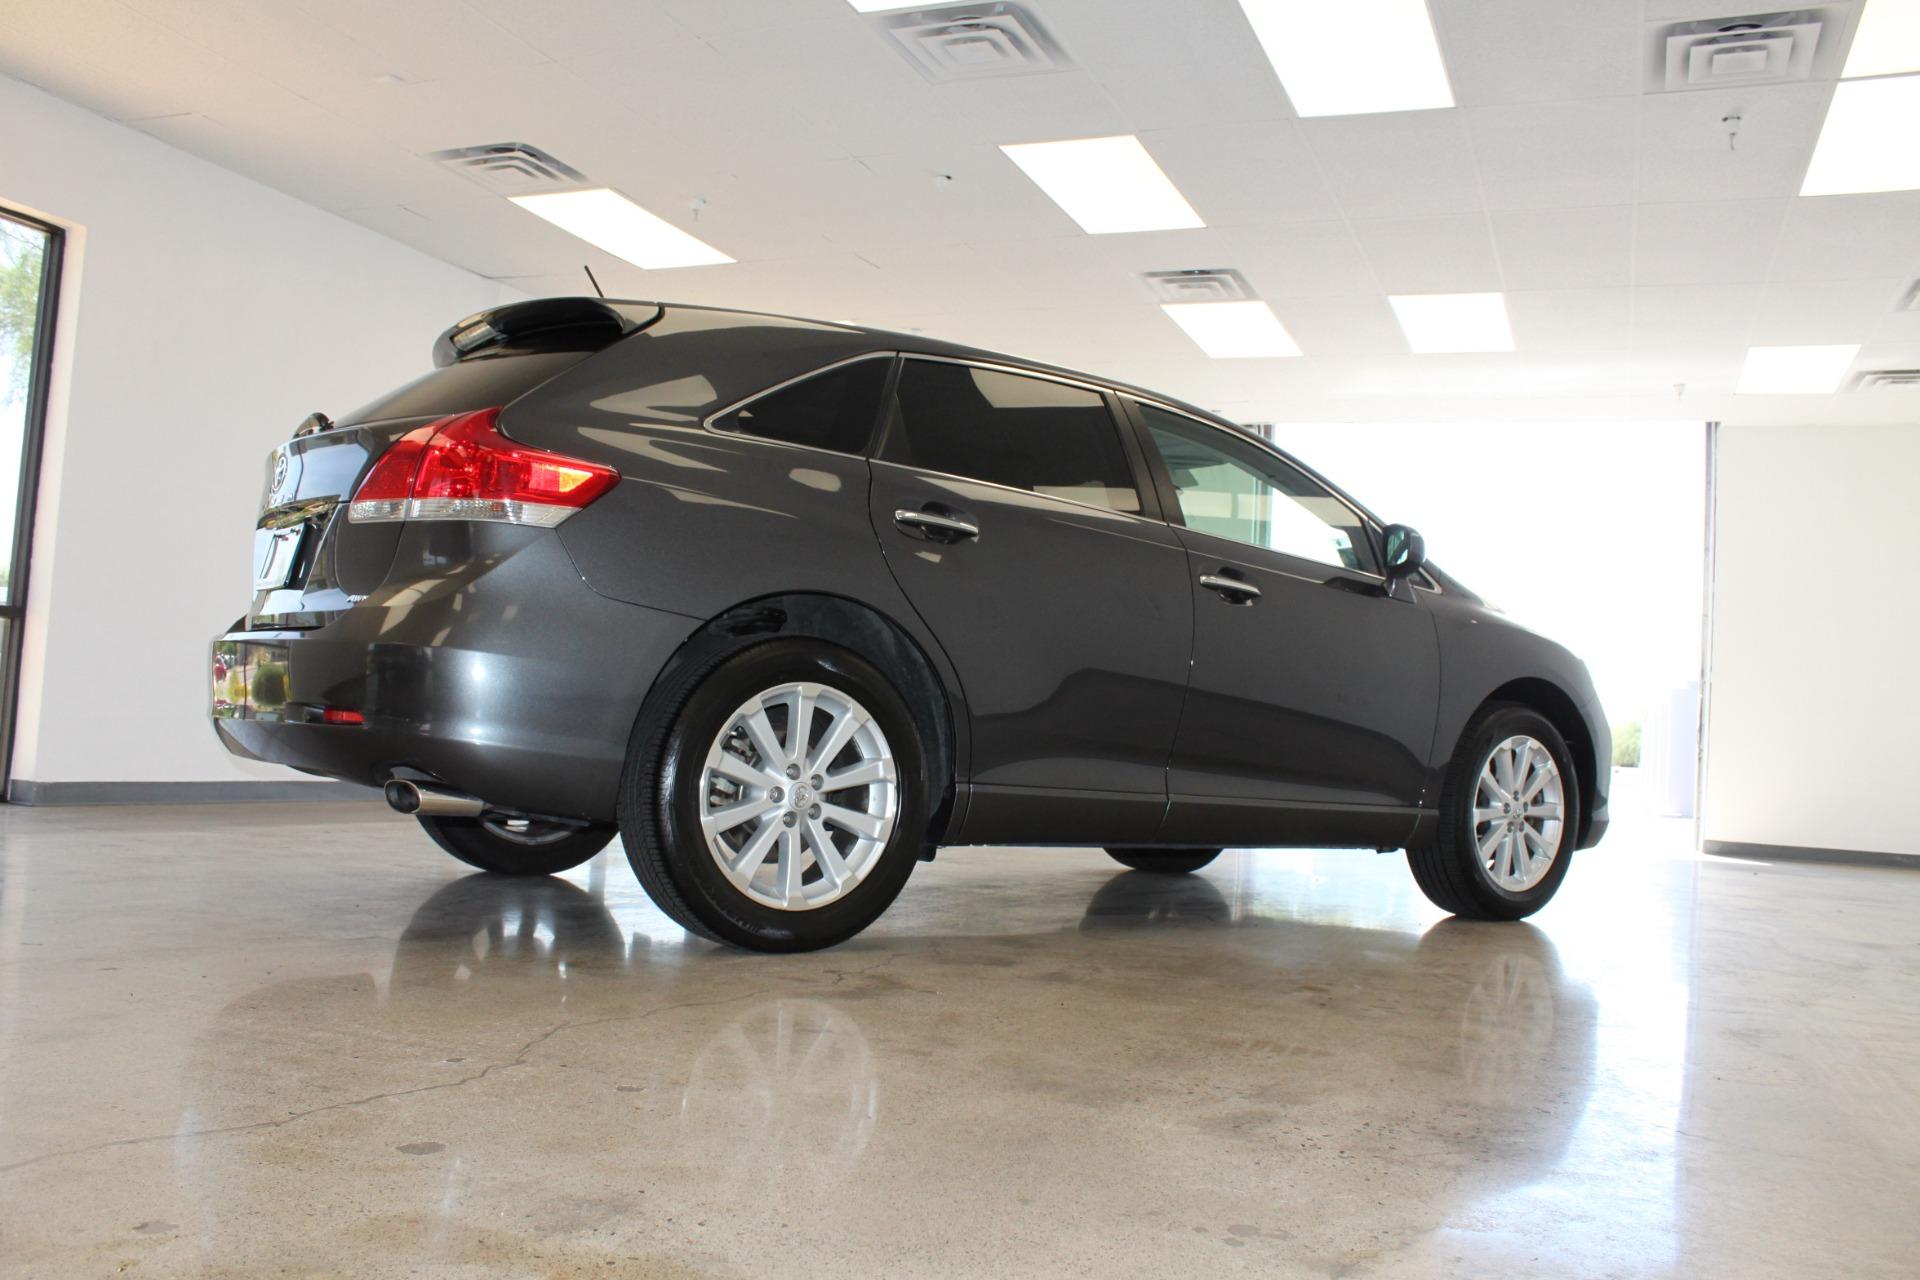 Used-2009-Toyota-Venza-SE-AWD-Land-Cruiser